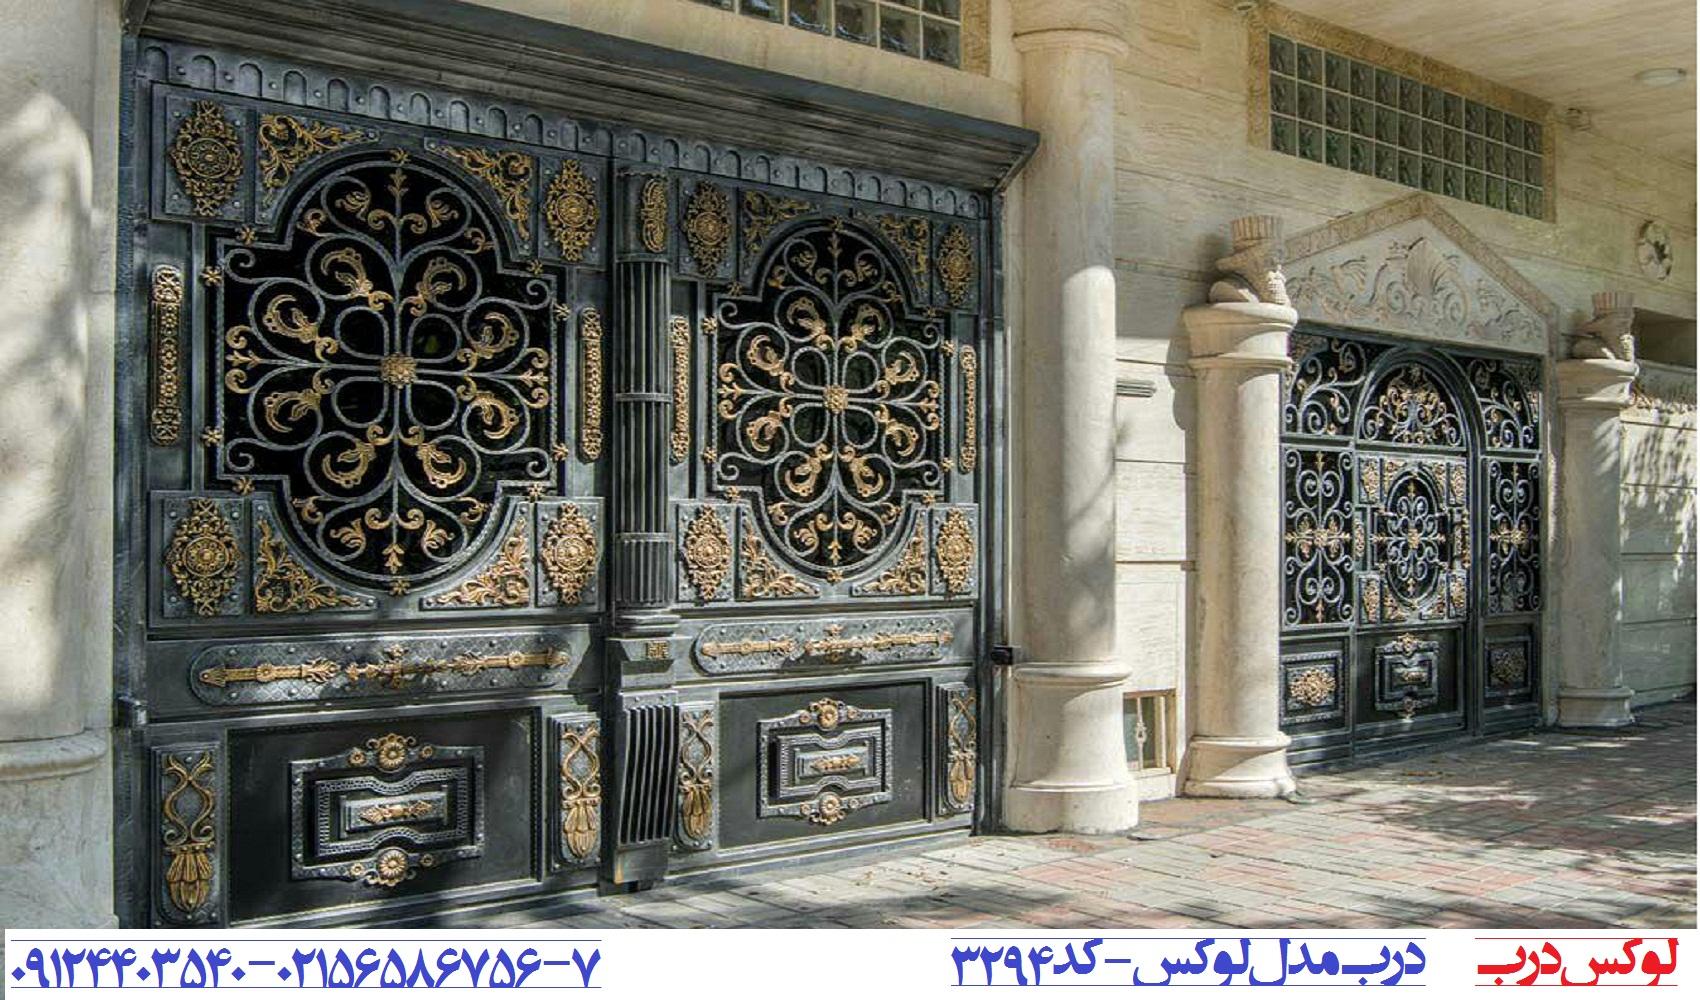 درب ورودی ساختمان کد 3294 مدل لوکس